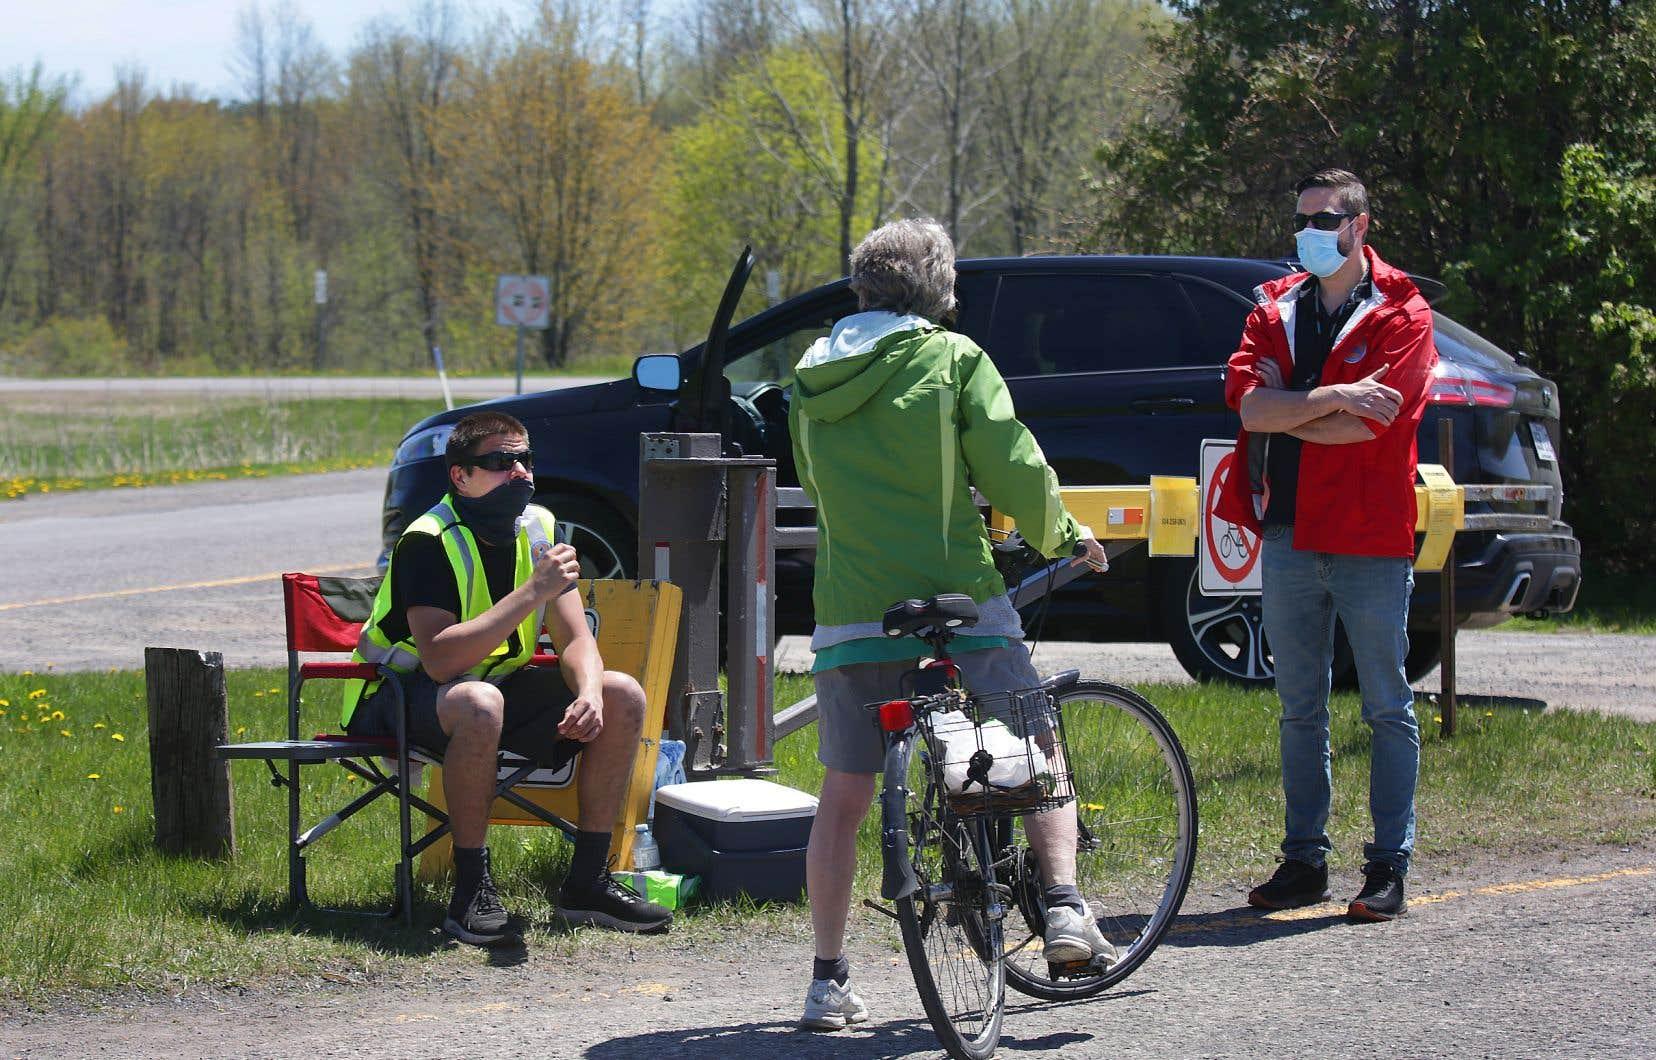 Les Mohawks de Kanesatake veulent que le parc d'Oka rester fermé au moins jusqu'au 1er juin pour éviter une éclosion de cas de COVID-19 au sein de leur communauté.